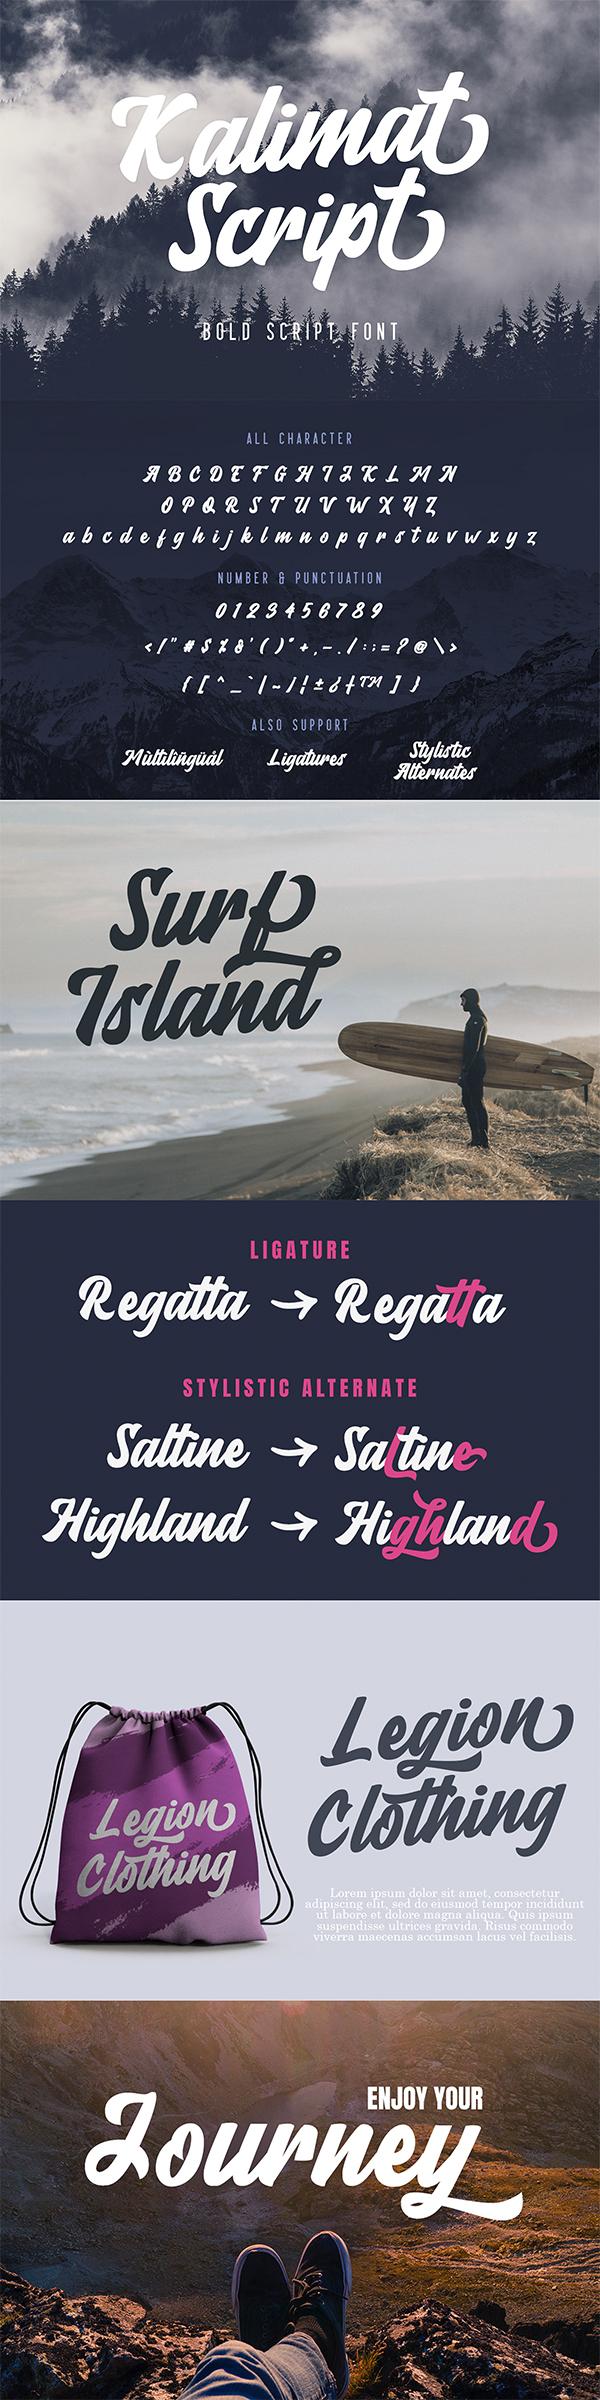 Kalimat Script - Bold Script Font